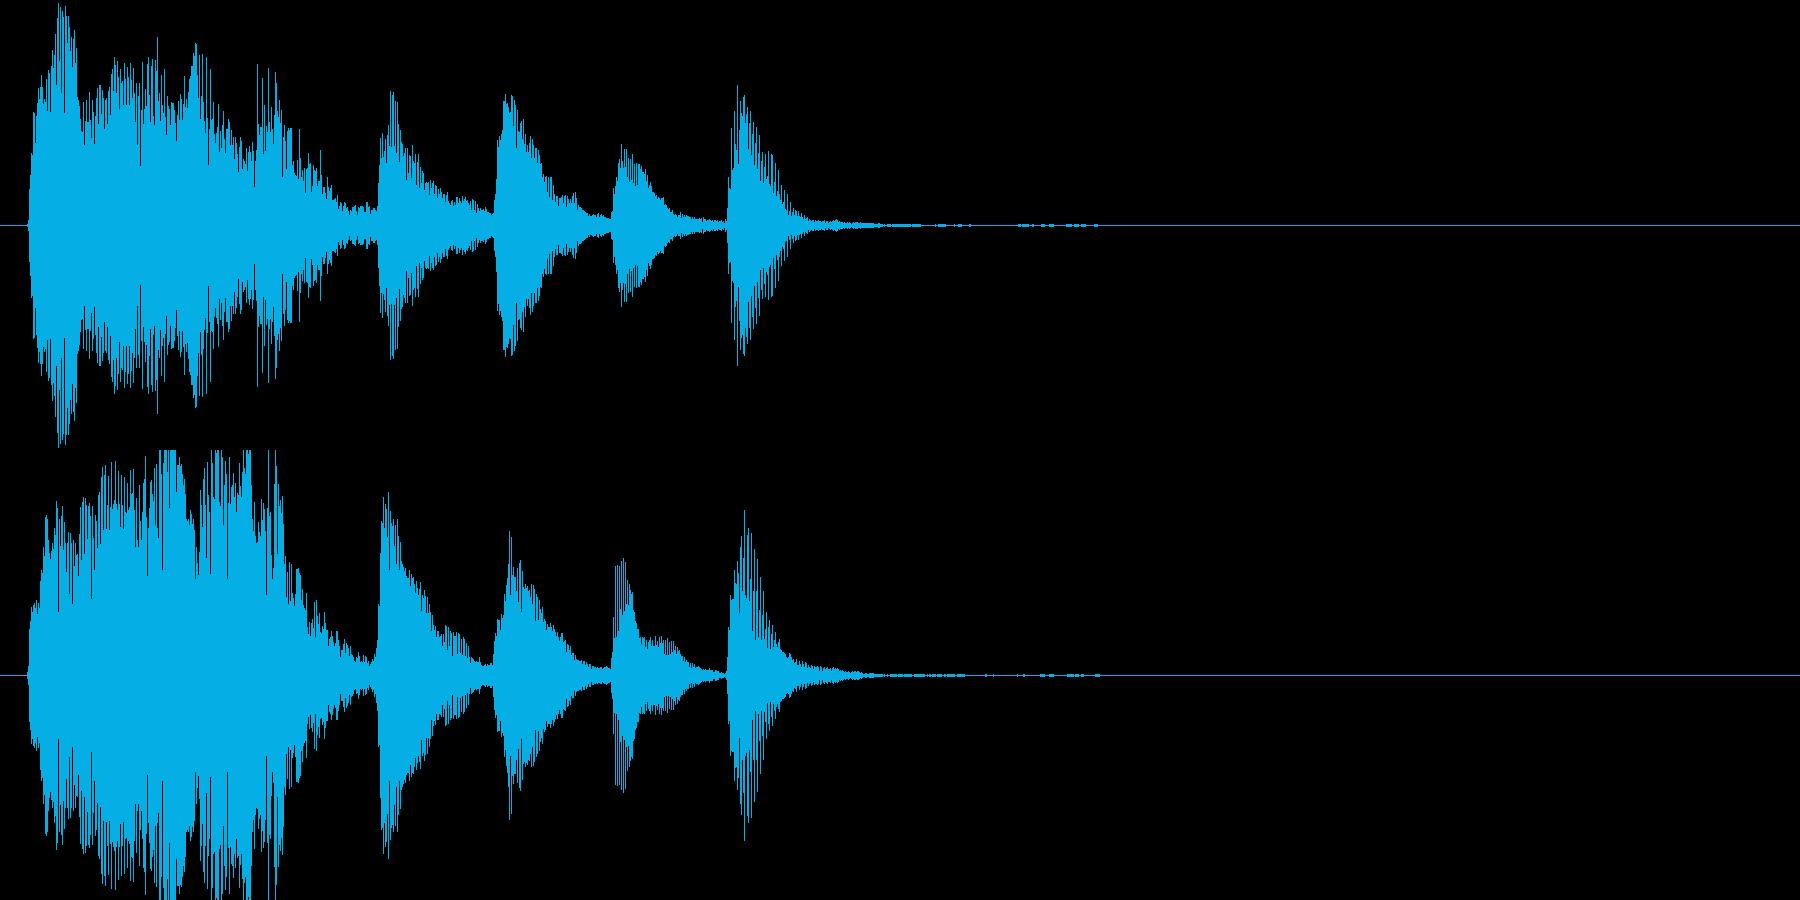 ファゴットの怪しい残念風ジングルの再生済みの波形